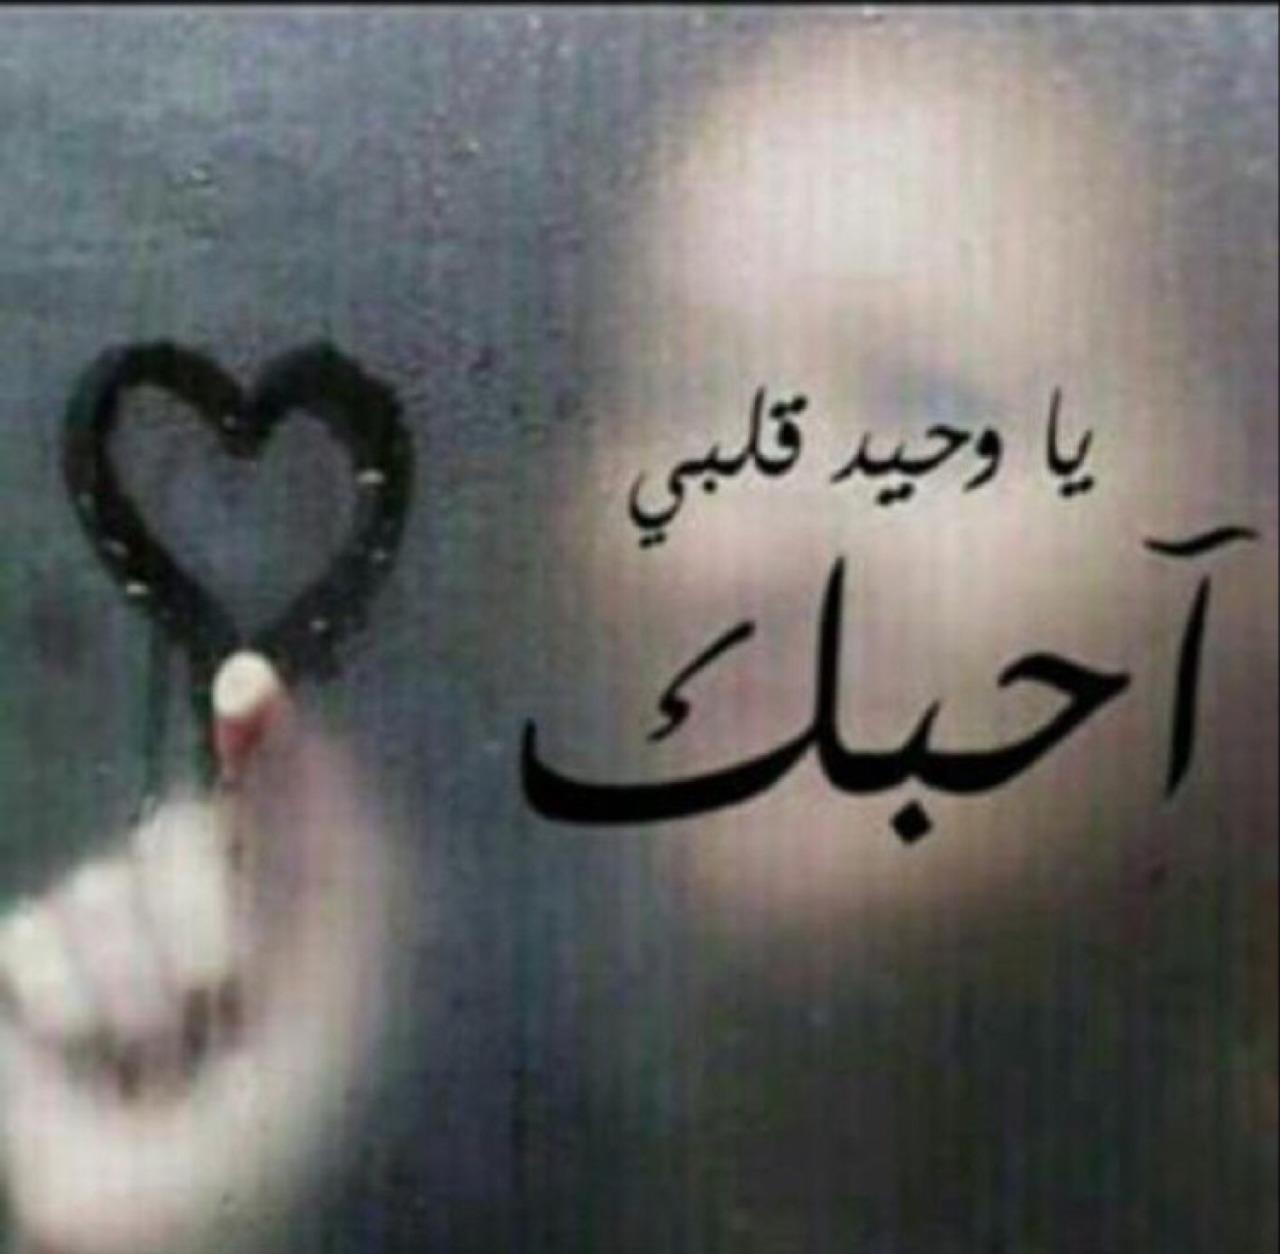 بالصور كلمات حب حزينه جدا , عبر عن الحب بكلمات محزنة 12357 10